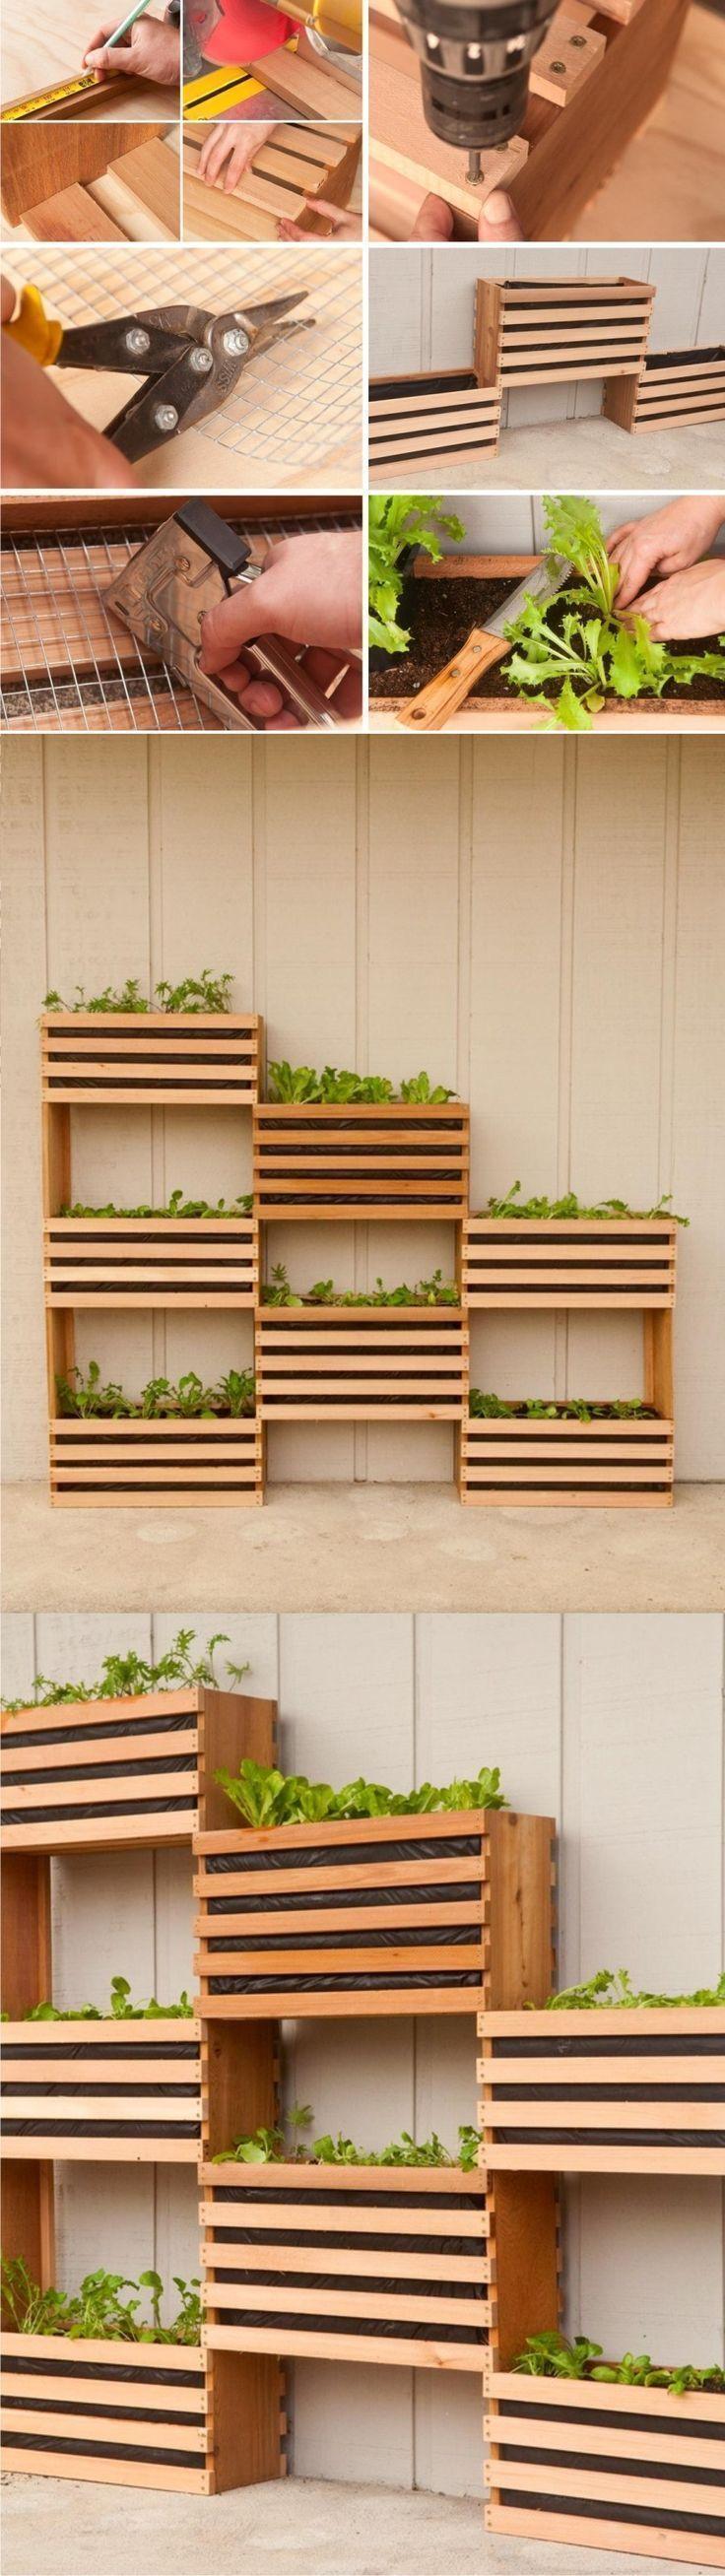 How to: Machen Sie einen modernen, platzsparenden vertikalen Gemüsegarten #eine